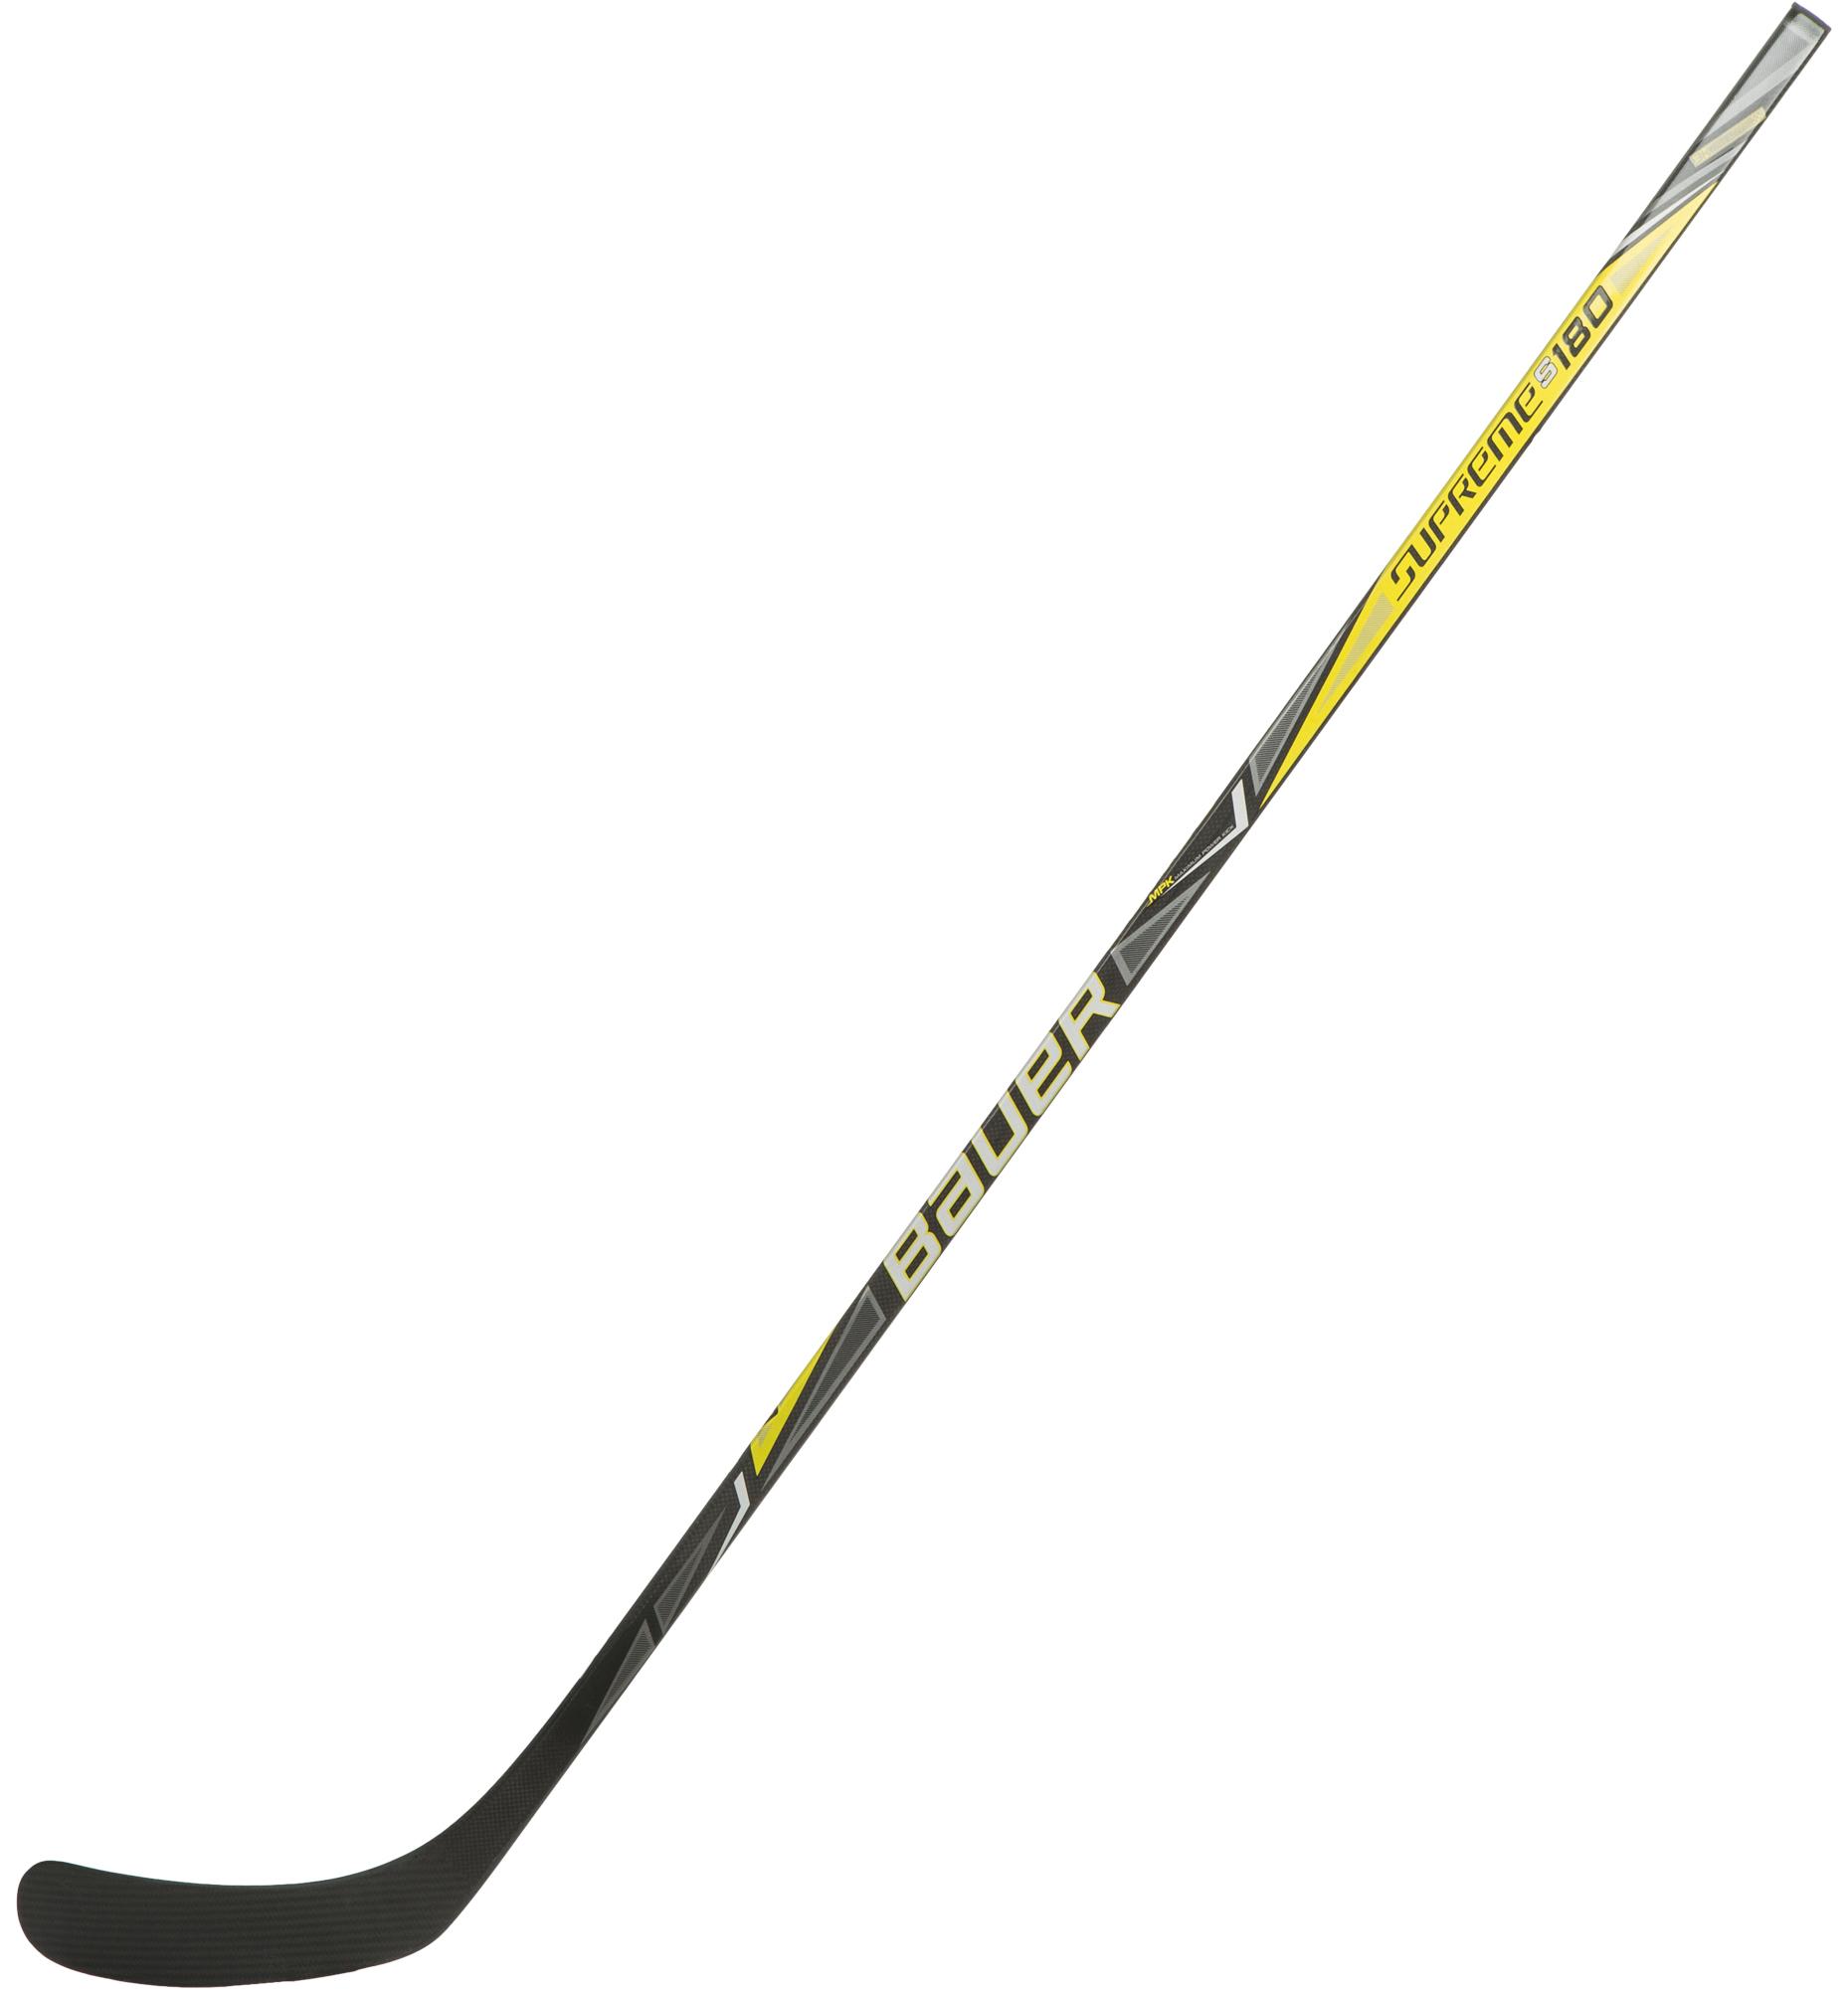 Bauer Клюшка хоккейная детская Bauer S17 Supreme S 180